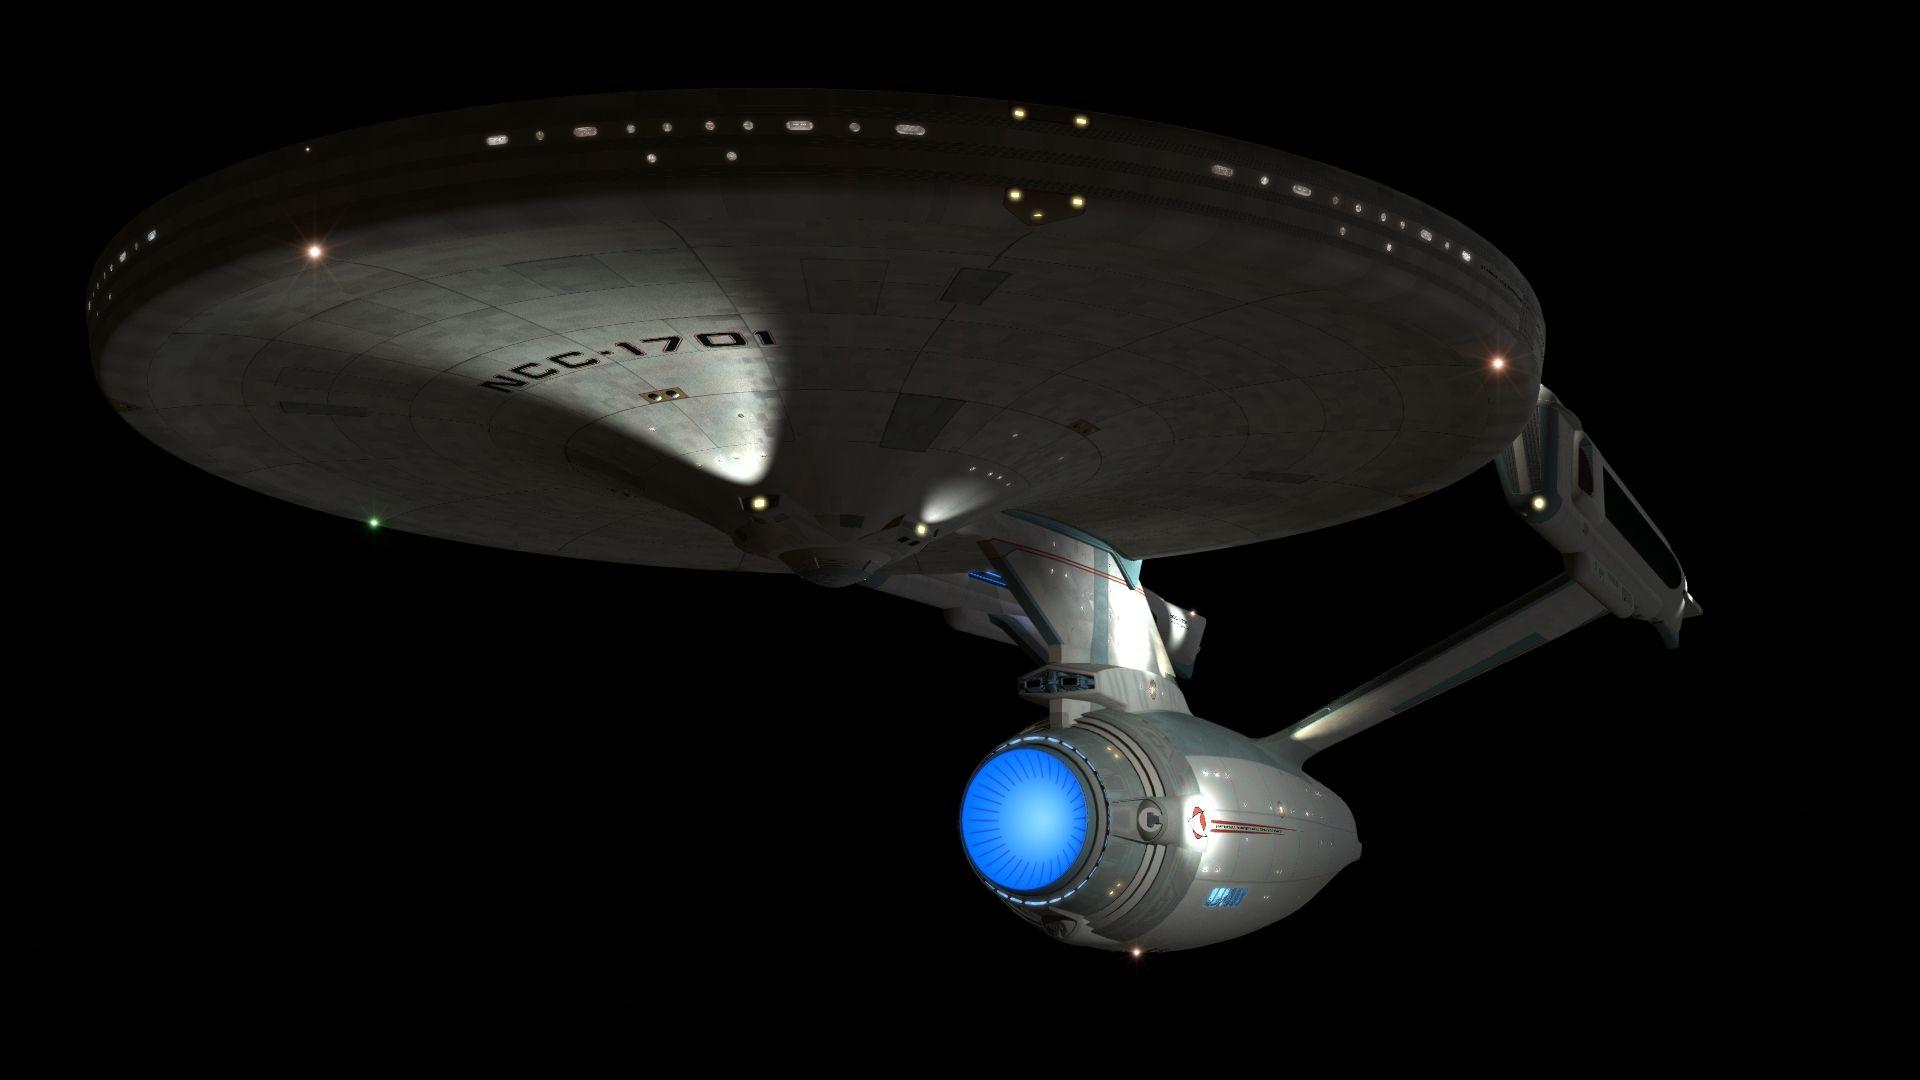 Star Trek USS Enterprise wallpaper 1920x1080 227015 WallpaperUP 1920x1080